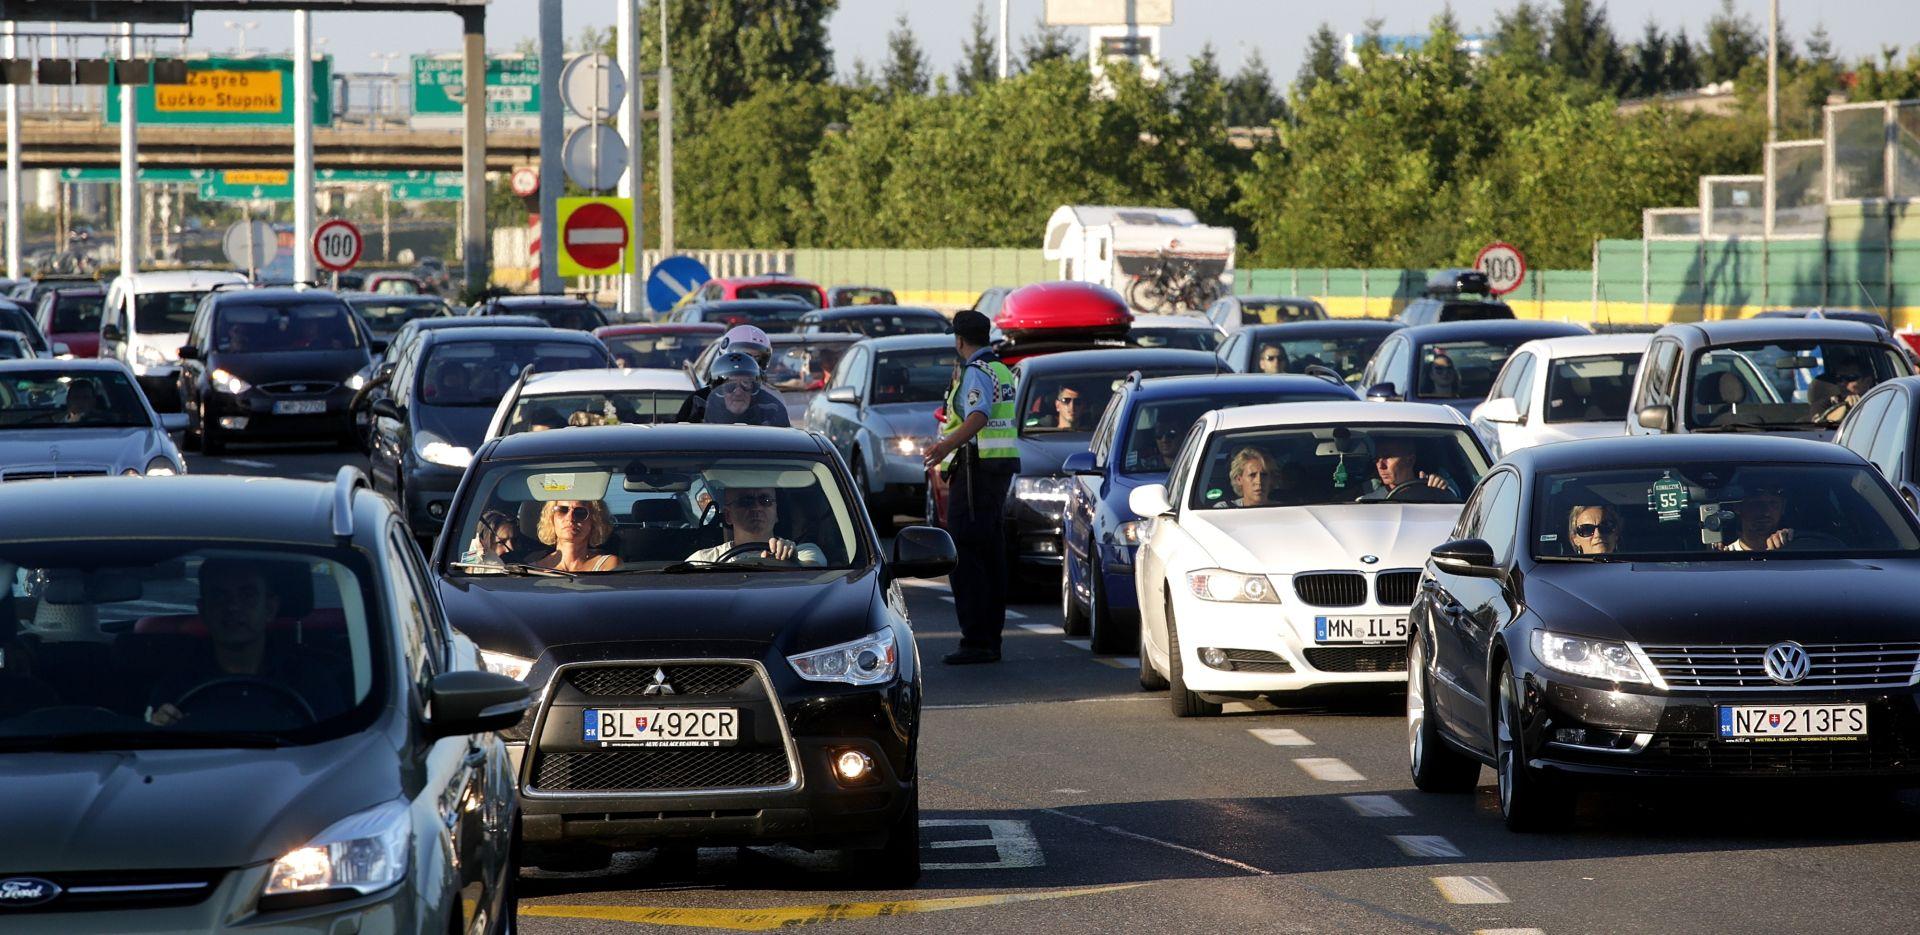 HAK Promet pojačan, kolone prema graničnim prijelazima i na Lučkom, vremenski uvjet povoljni